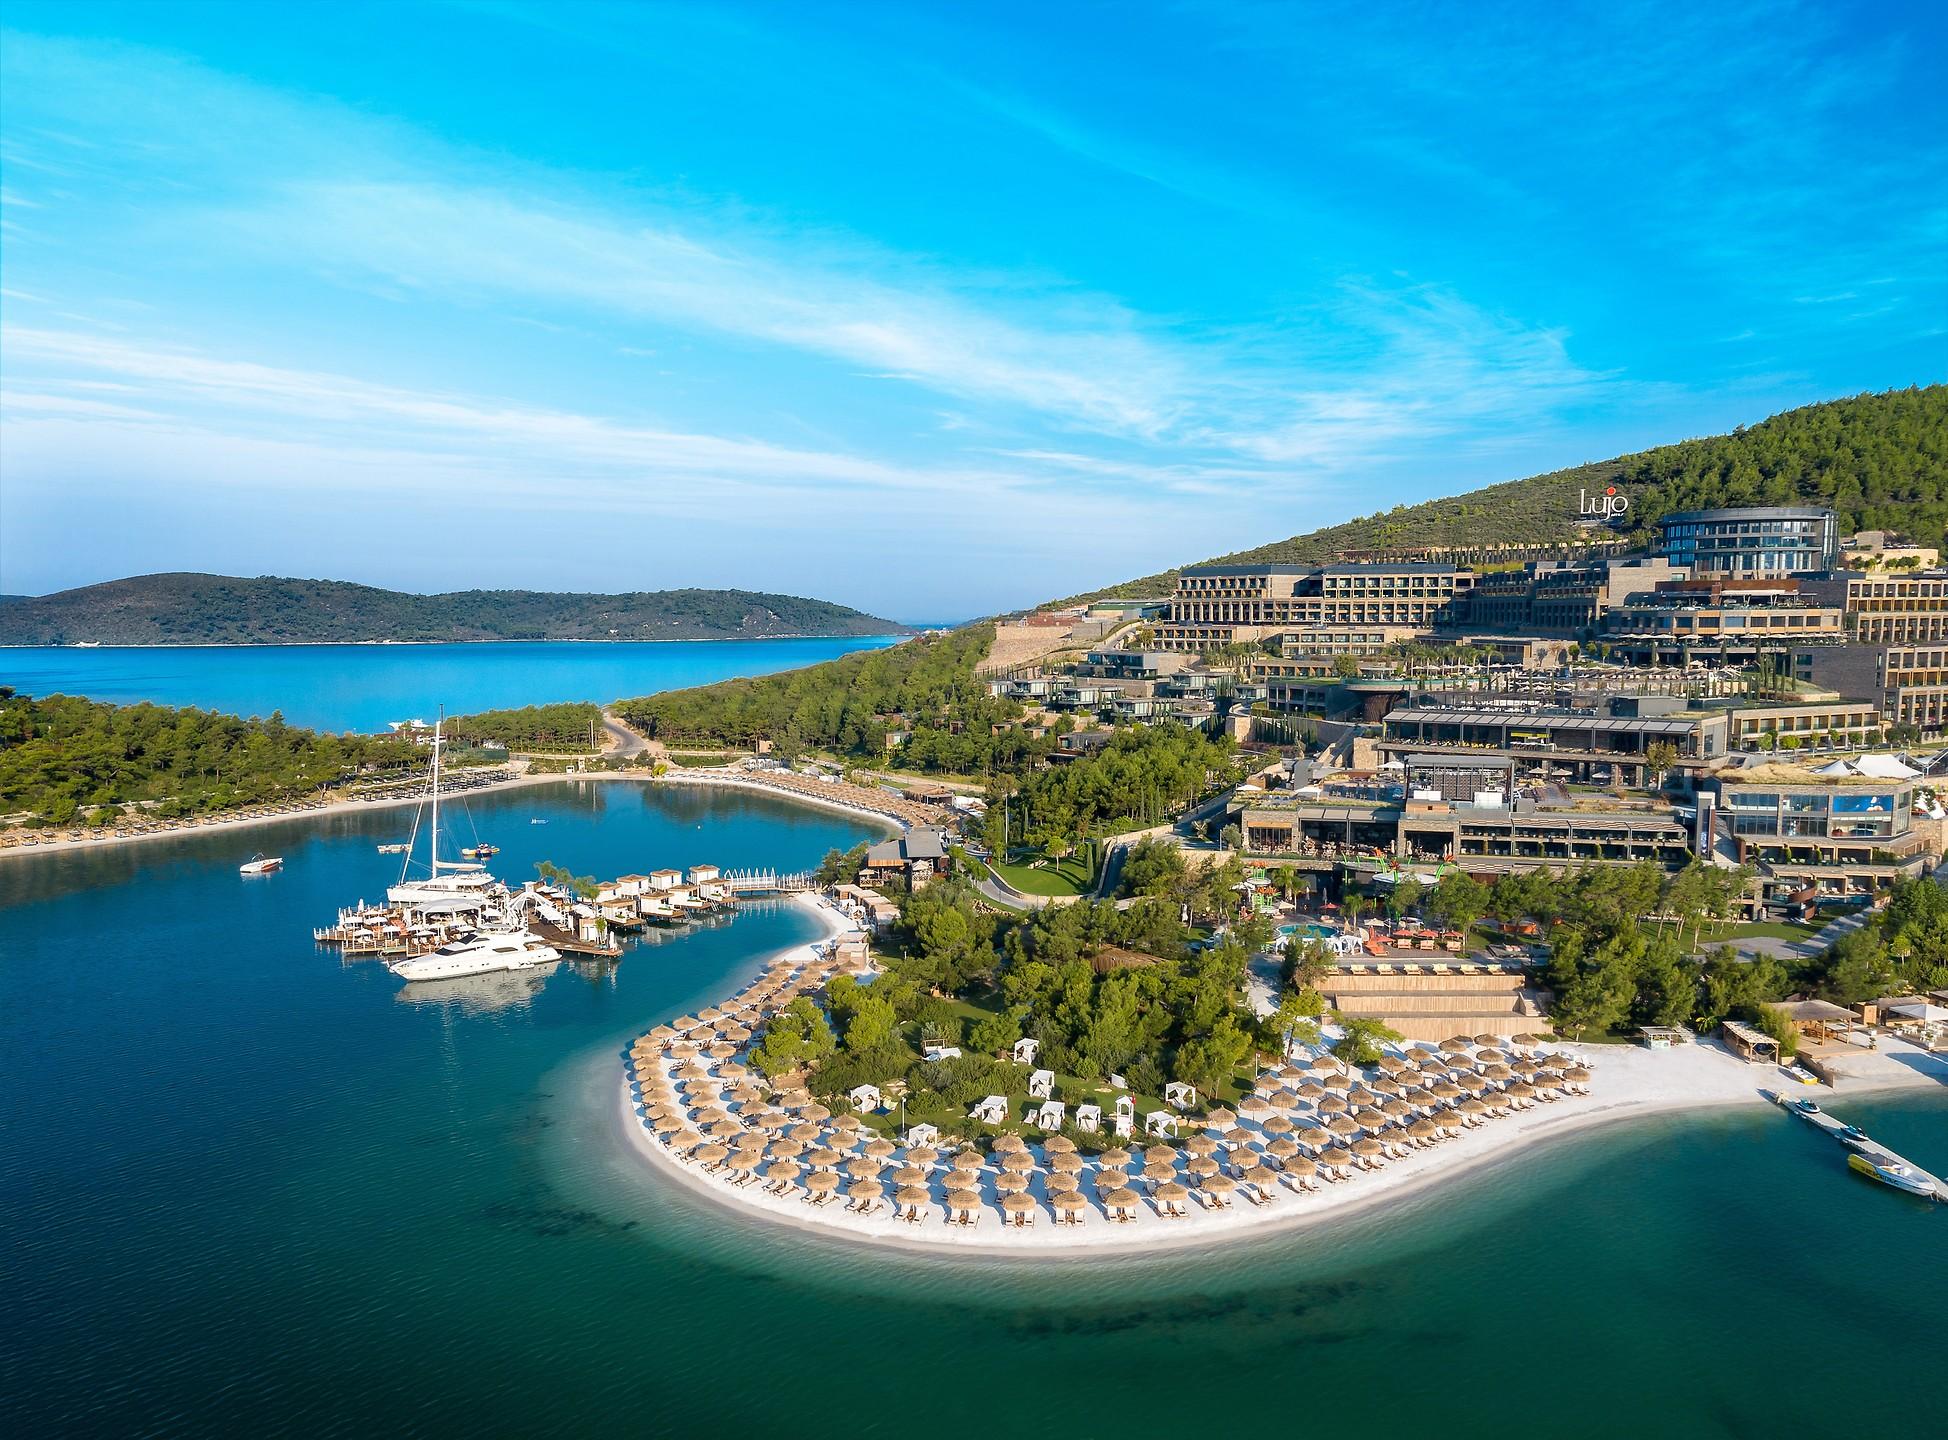 Küresel Tatil Rezervasyonları, Nisanın Başından Beri %127 Arttı